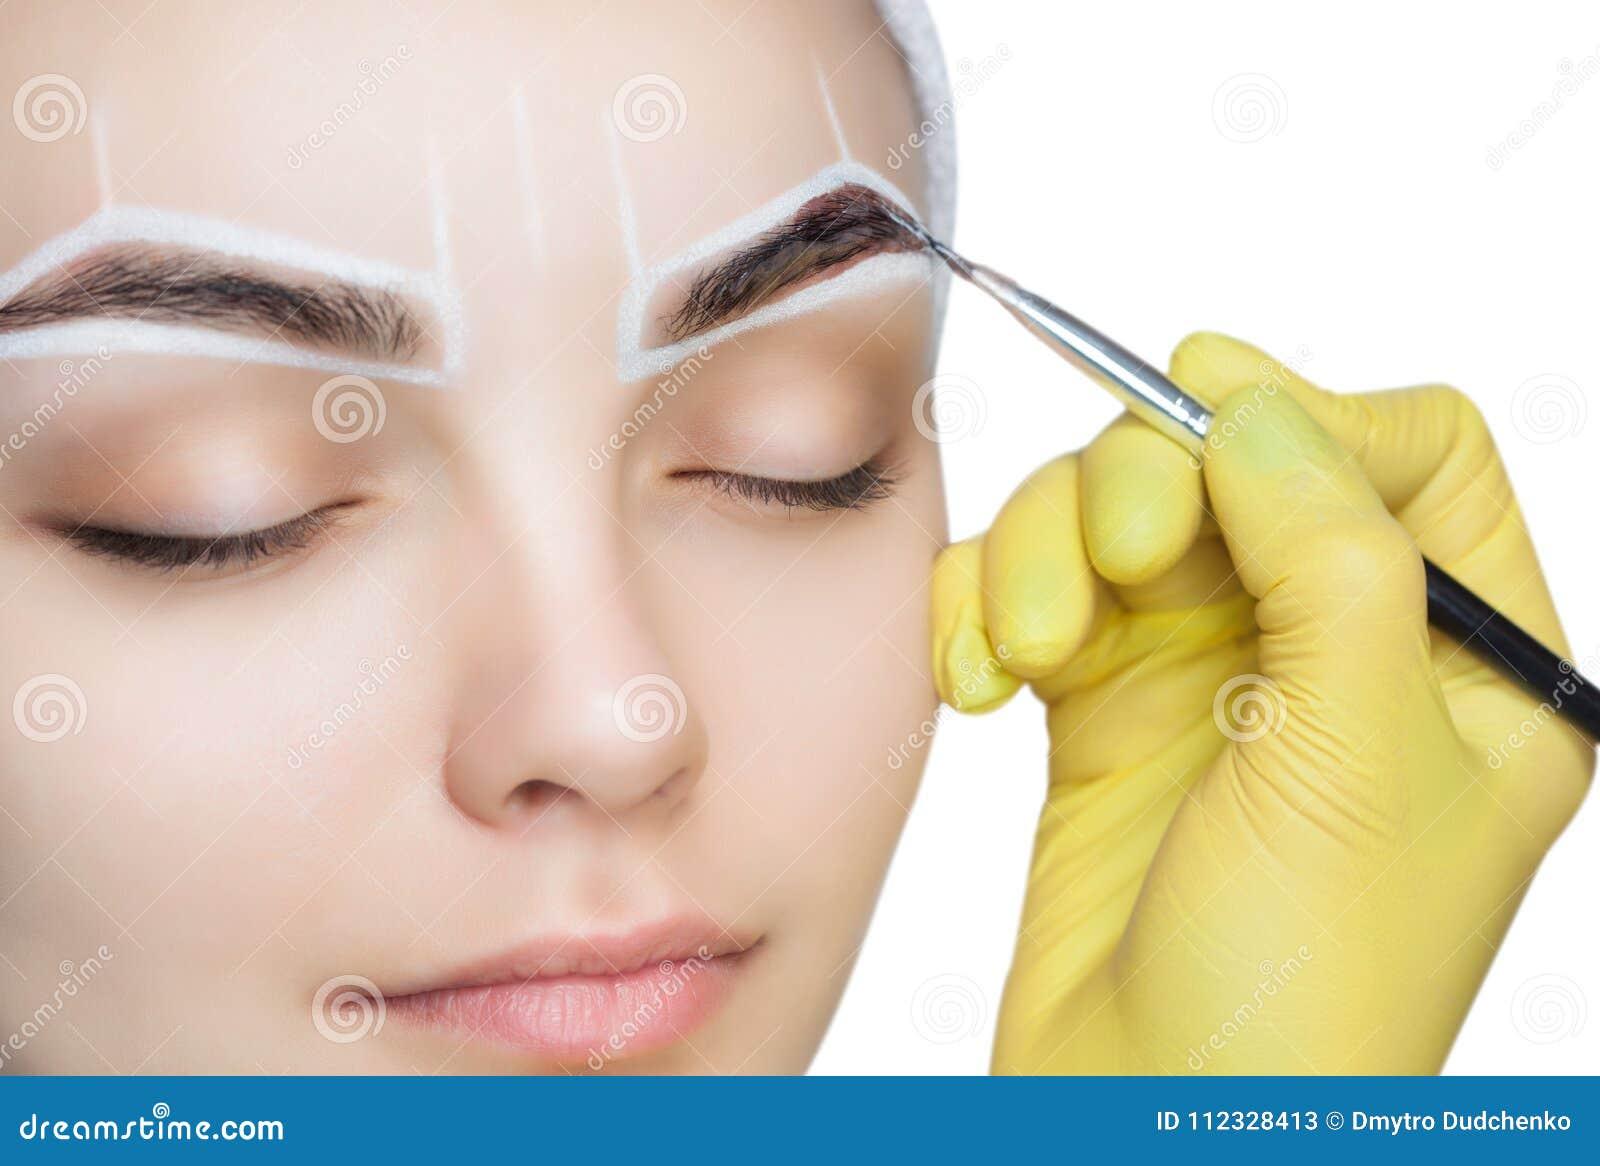 O artista de composição aplica uma tintura da sobrancelha das pinturas nas sobrancelhas de uma moça